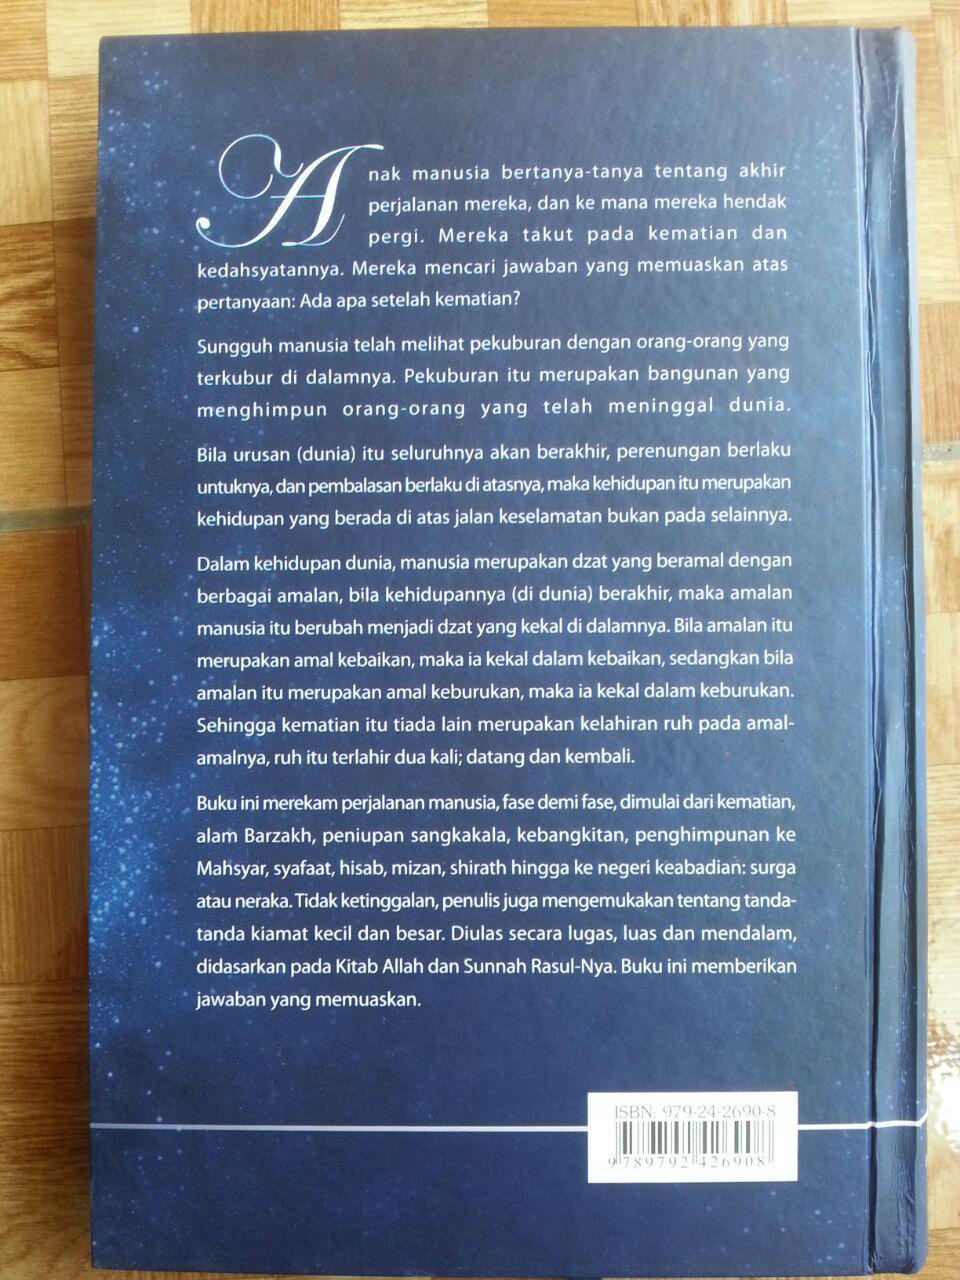 Buku Ensiklopedia Hari Akhir cover